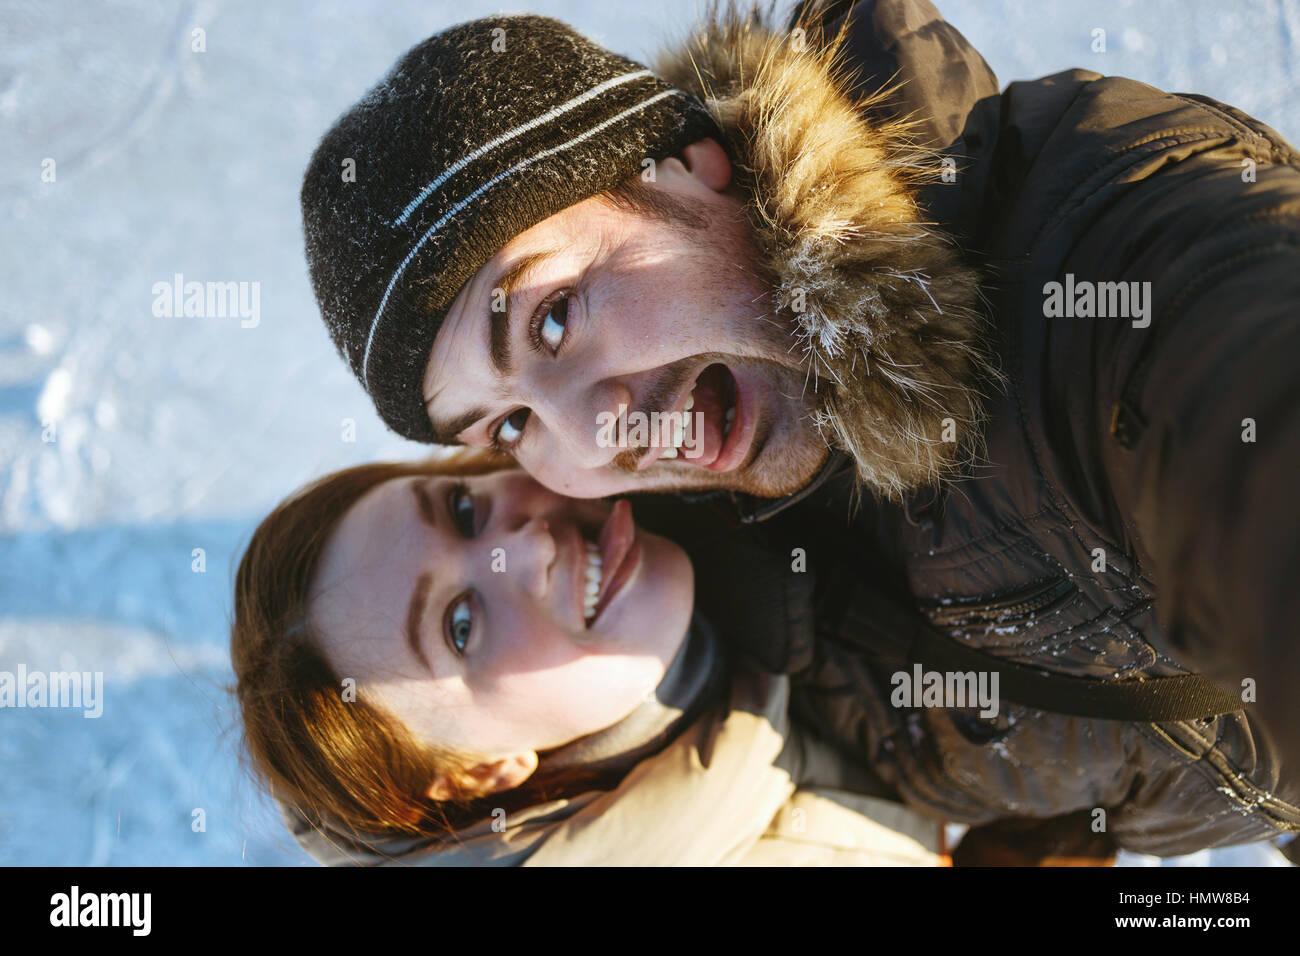 Portrait d'hiver beau couple voyager,rire randonneur, couple homme émotif et de la langue,fille,selfies Photo Stock